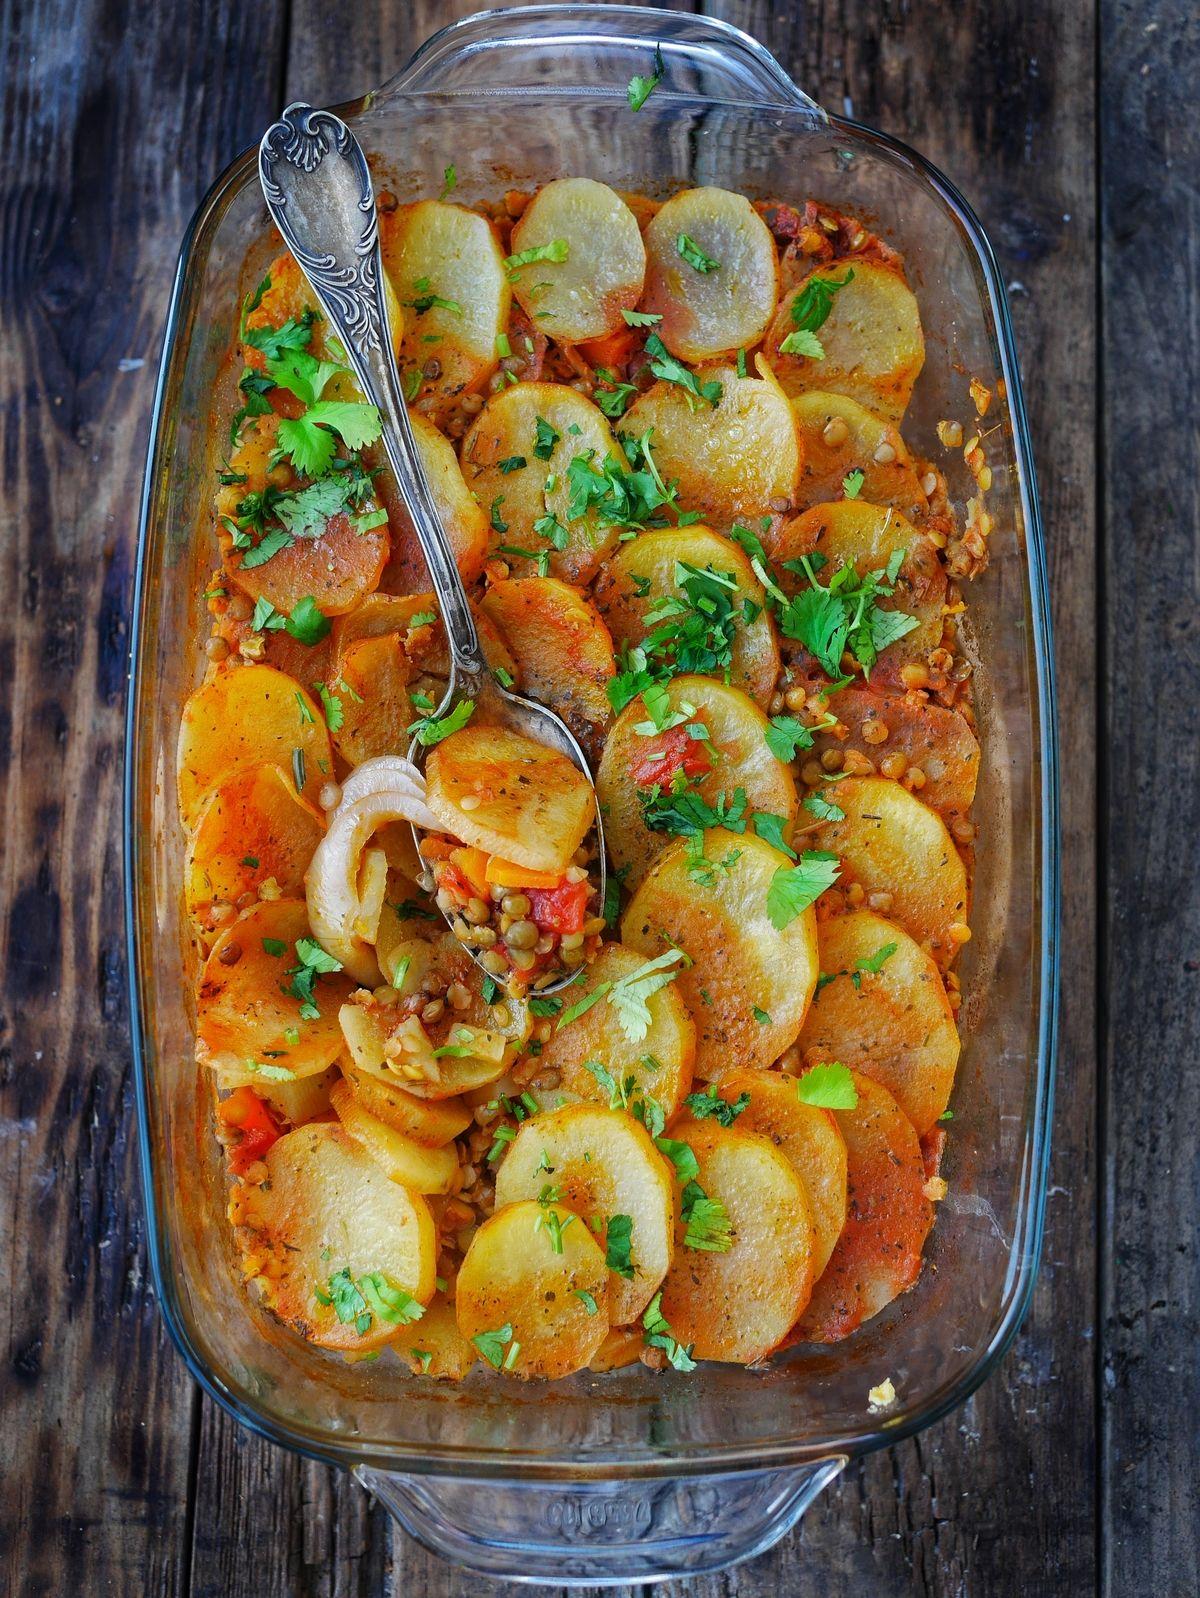 Ragout D Hiver Vegetarien Recette Ragout Vegetarien Recette De Ragout Recettes De Cuisine